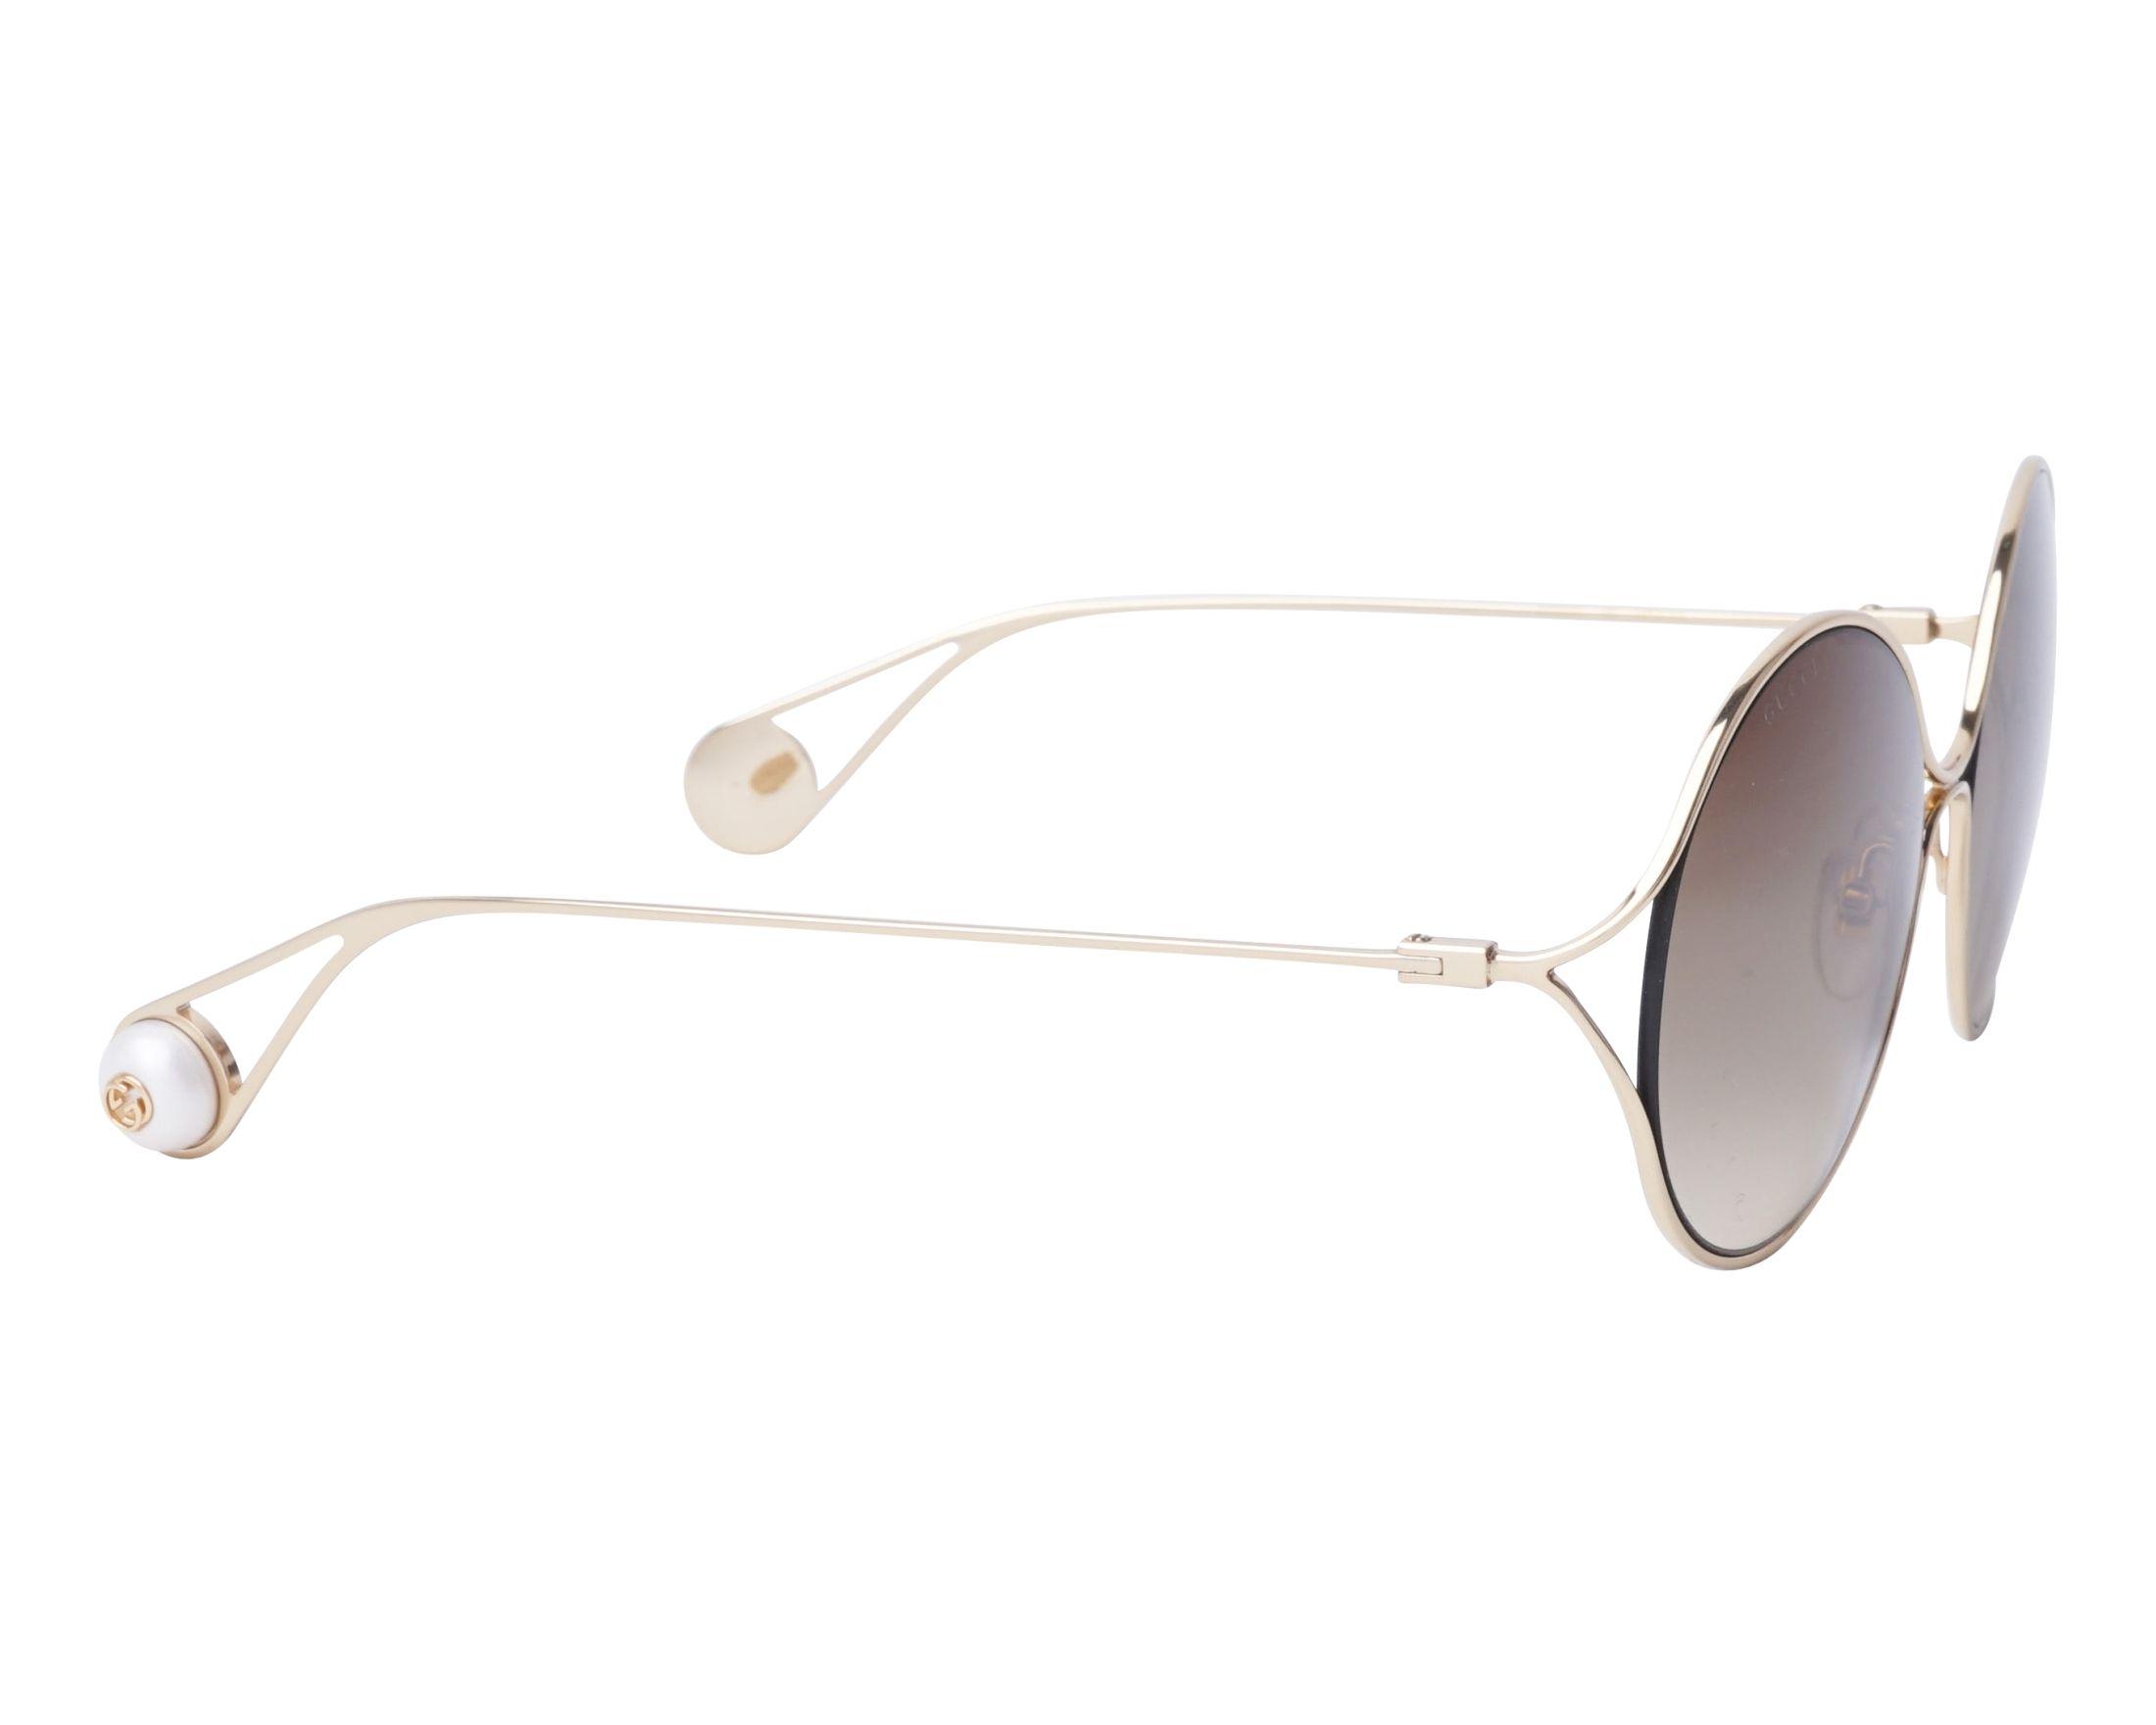 Sunglasses Gucci GG-0253-S 002 58-20 Gold side view 334331bbc3